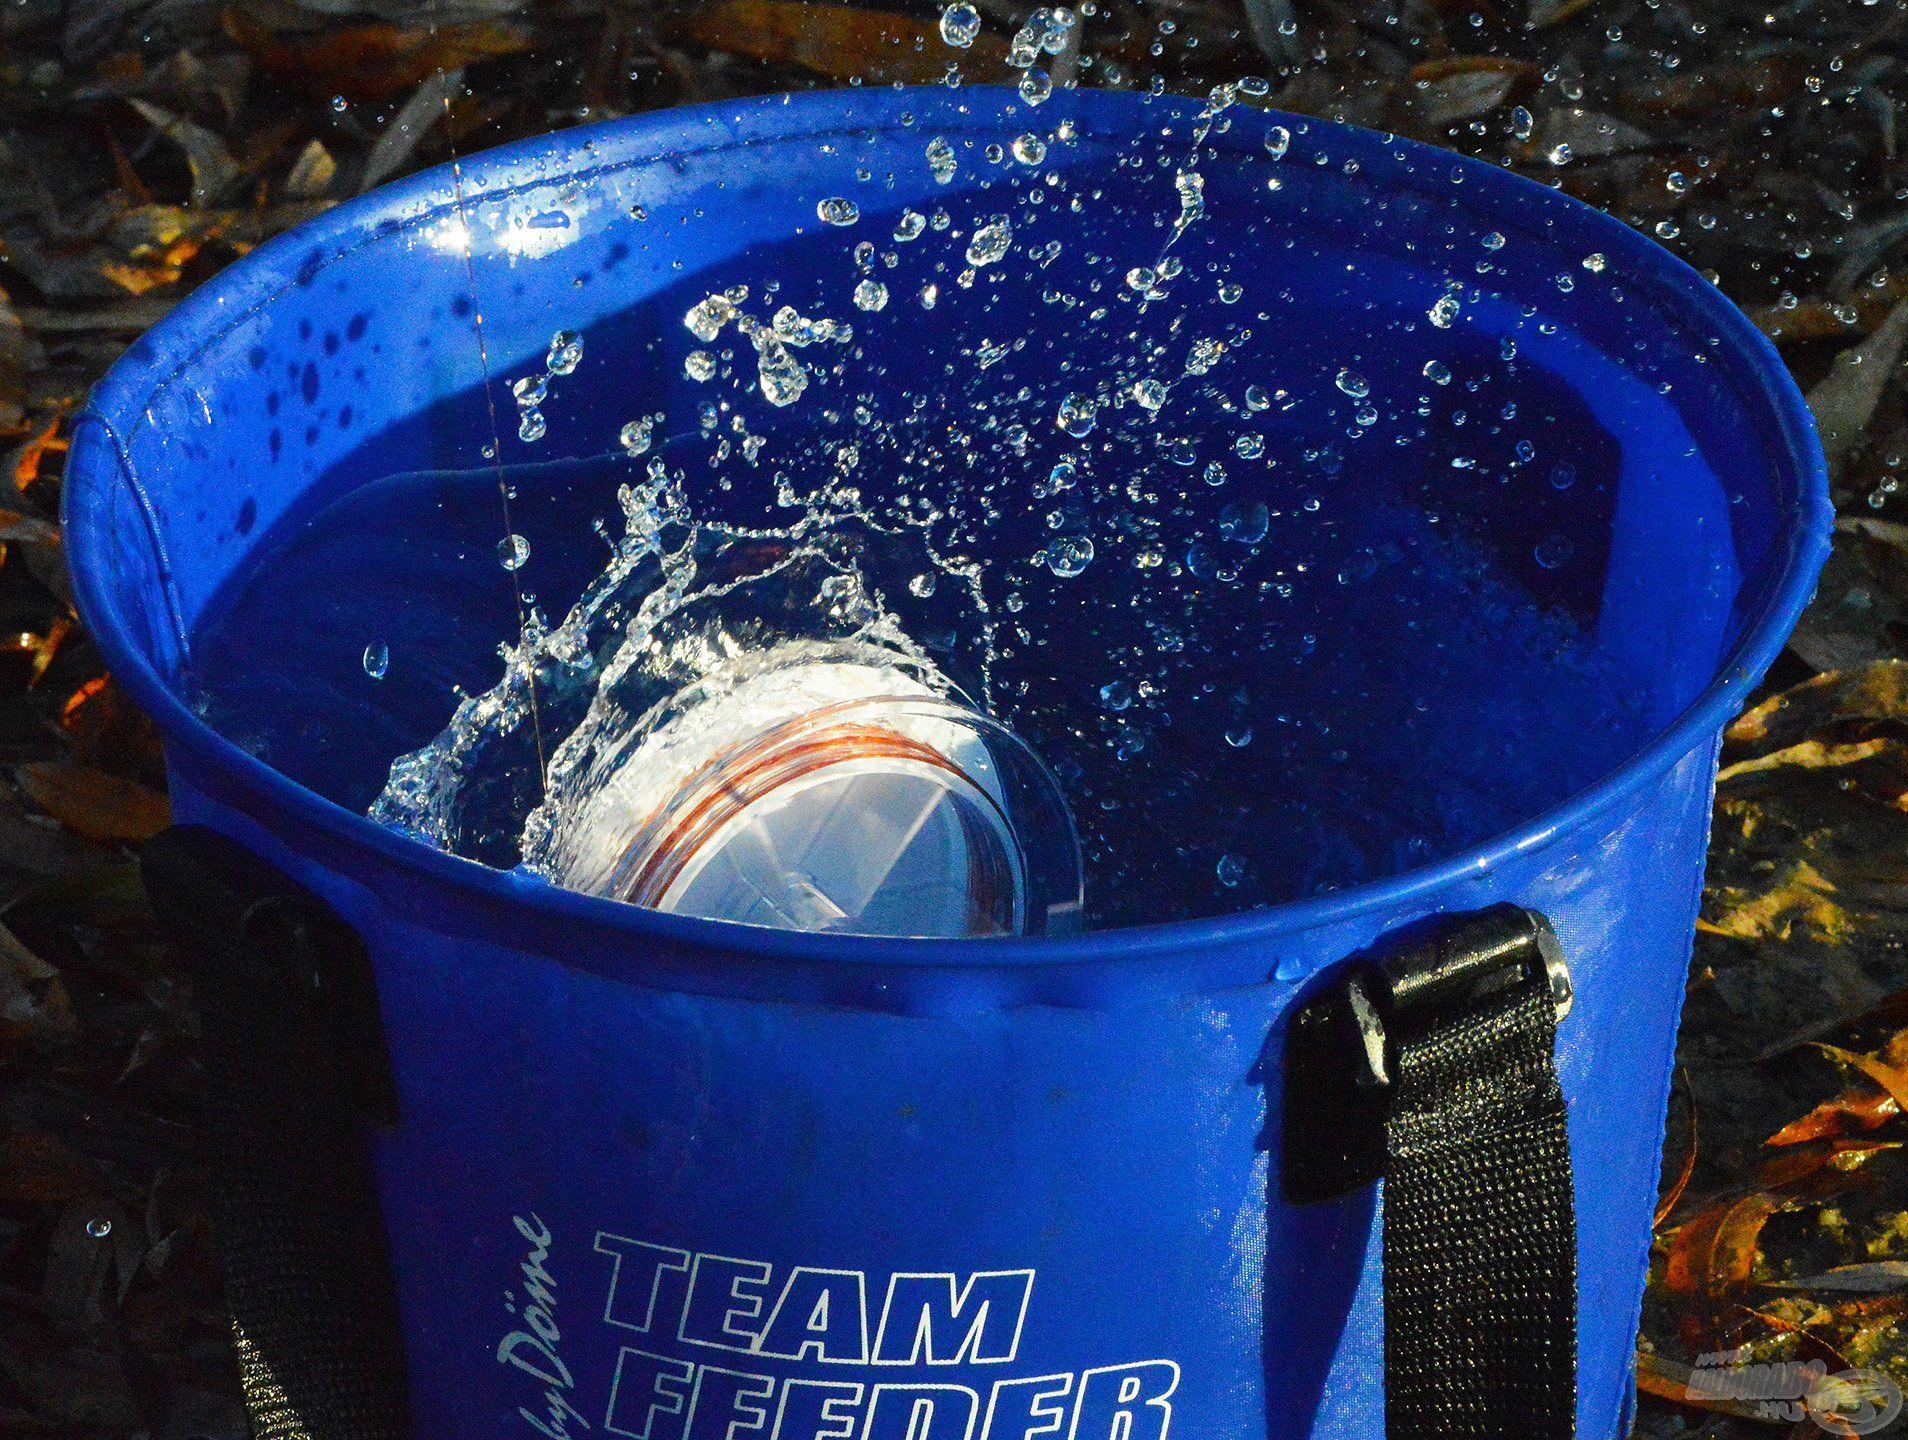 A spulnit egy vödör vízbe kell helyezni, hogy folyamatosan feszüljön a zsinór, miközben a zsinórt feltekerjük a dobra